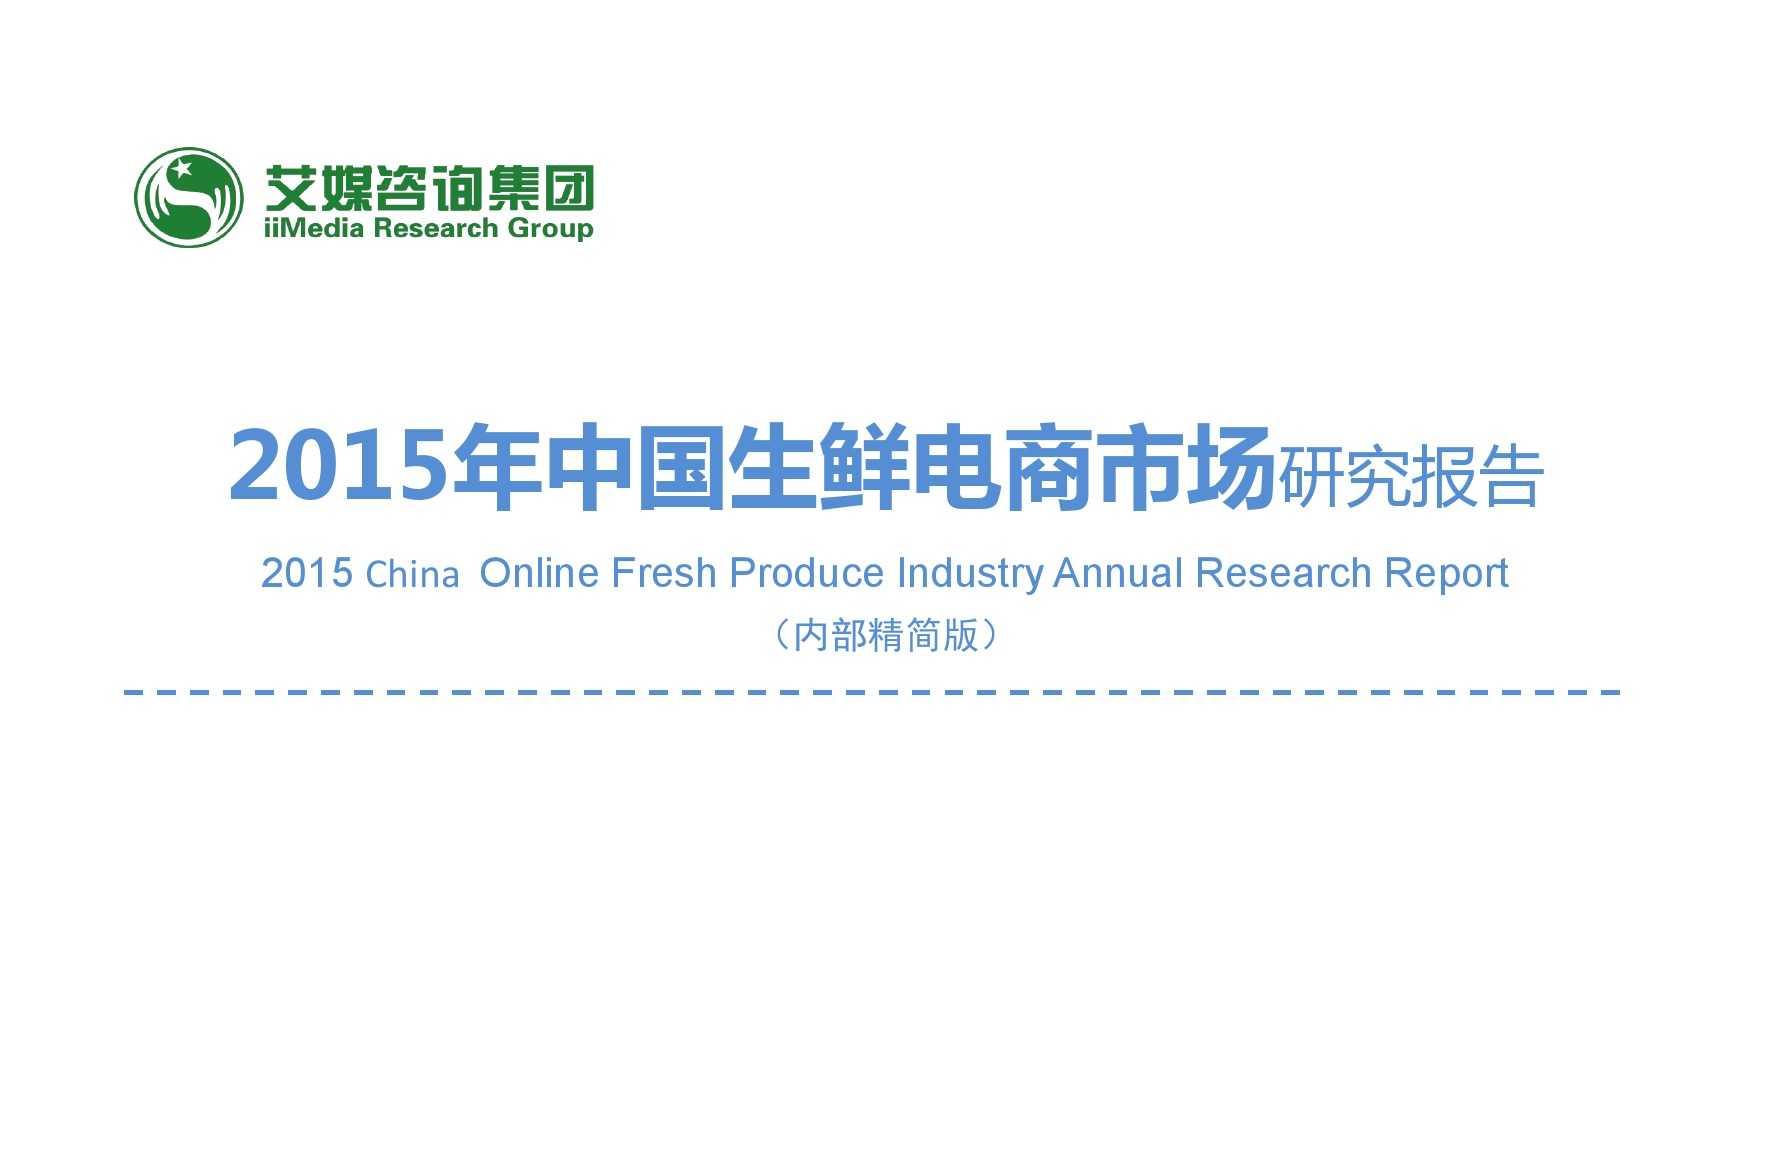 艾媒咨询:2015年中国生鲜电商市场研究报告_000001